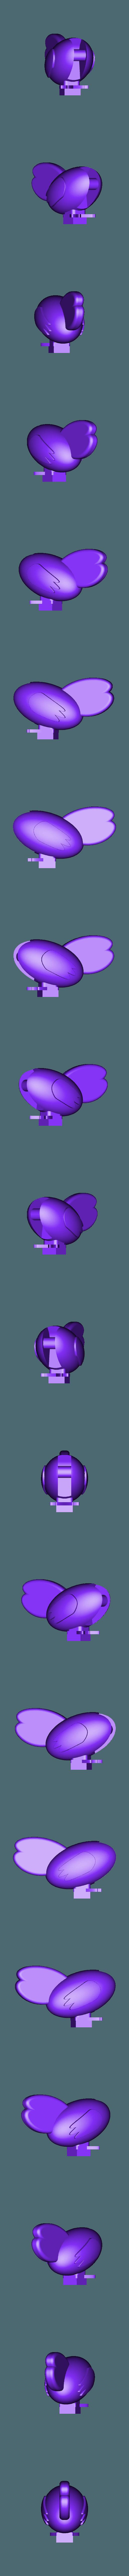 1908-01 Part02.stl Télécharger fichier STL gratuit Jouet à cueillir les poulets • Modèle à imprimer en 3D, EL3D